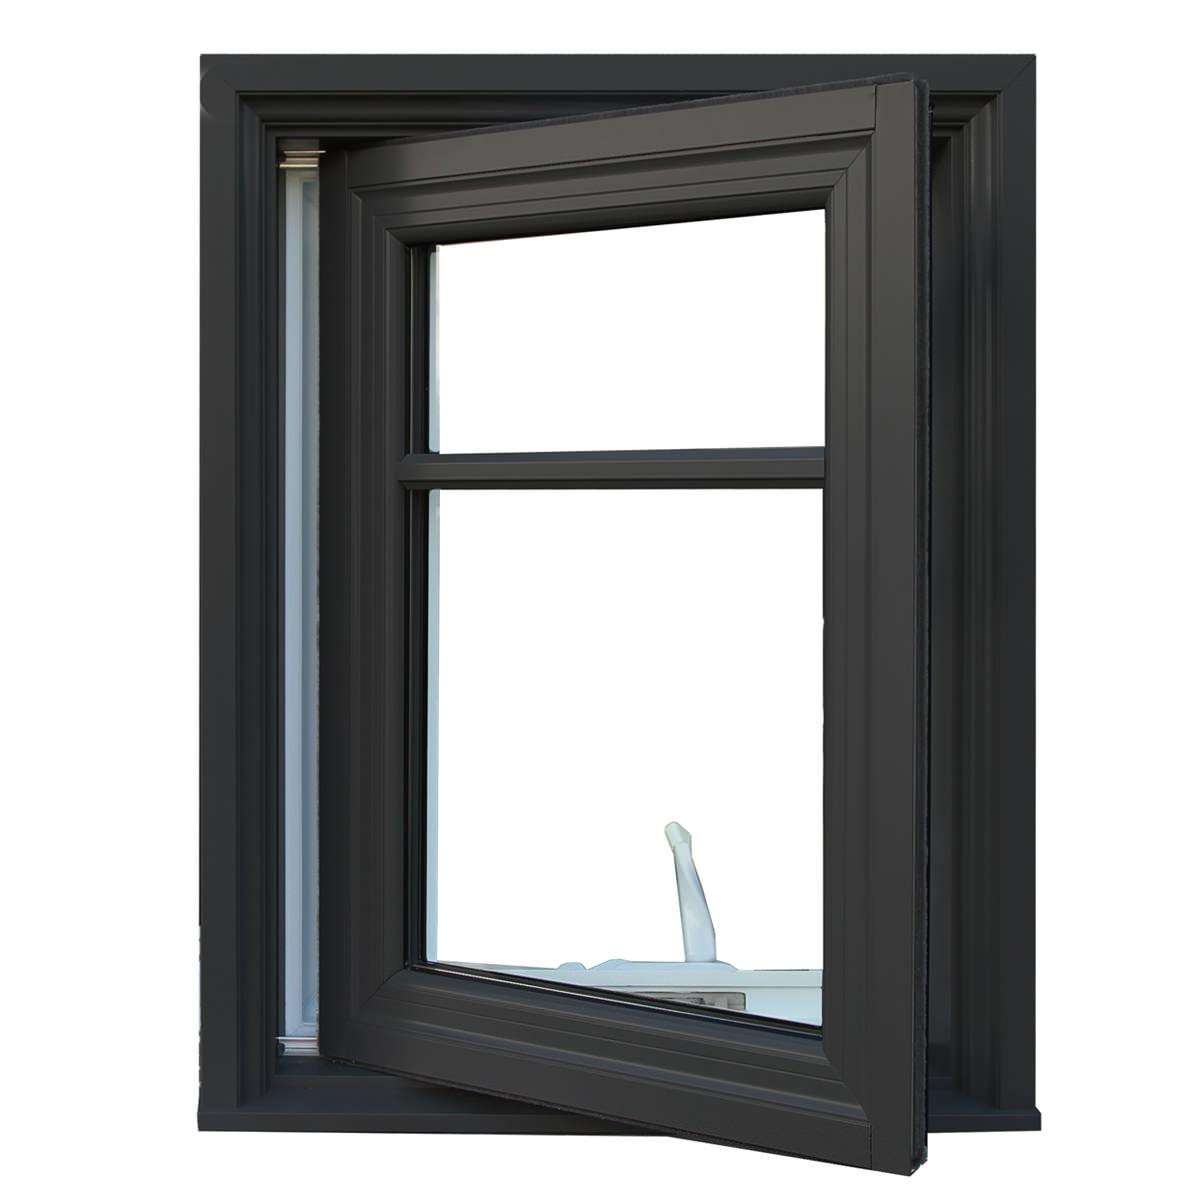 An open dark Alumhybrid casement window